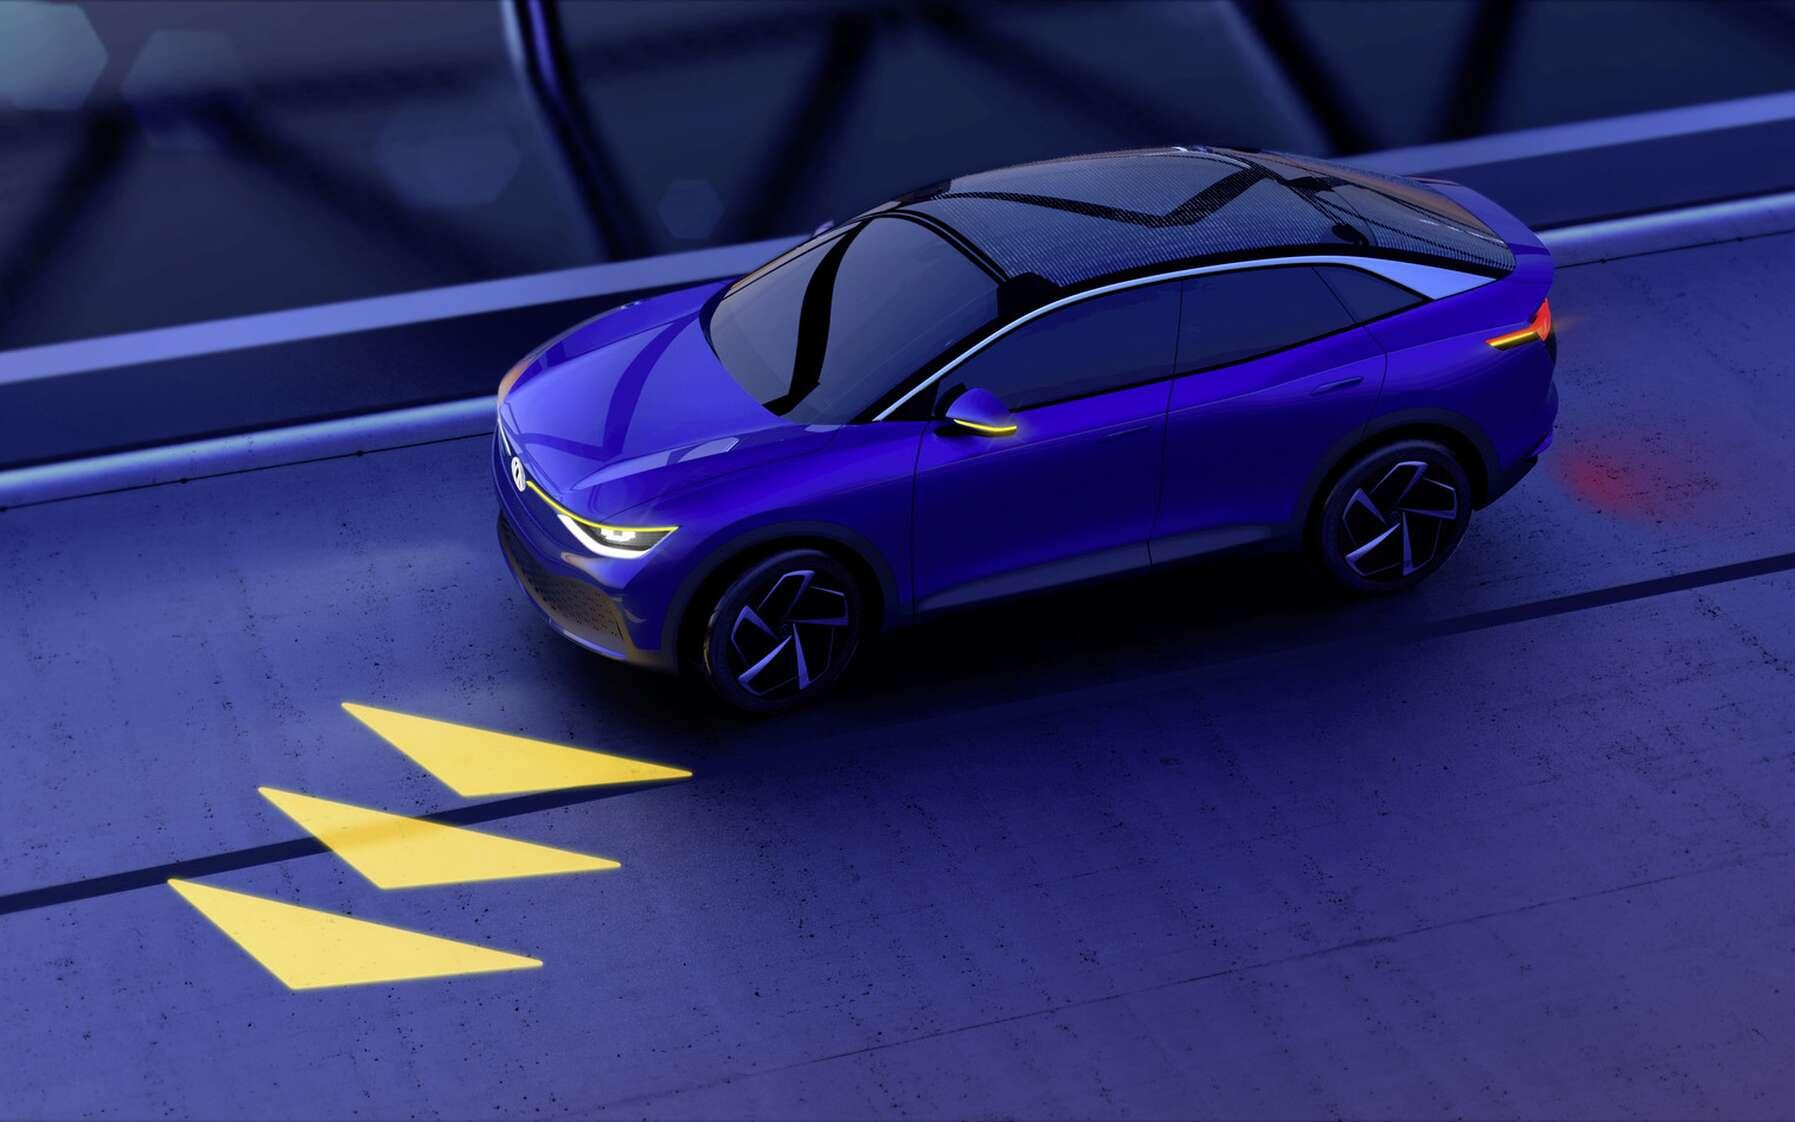 L'un des exemples d'éclairage communicant sur lequel travaille Volkswagen. © Volkswagen